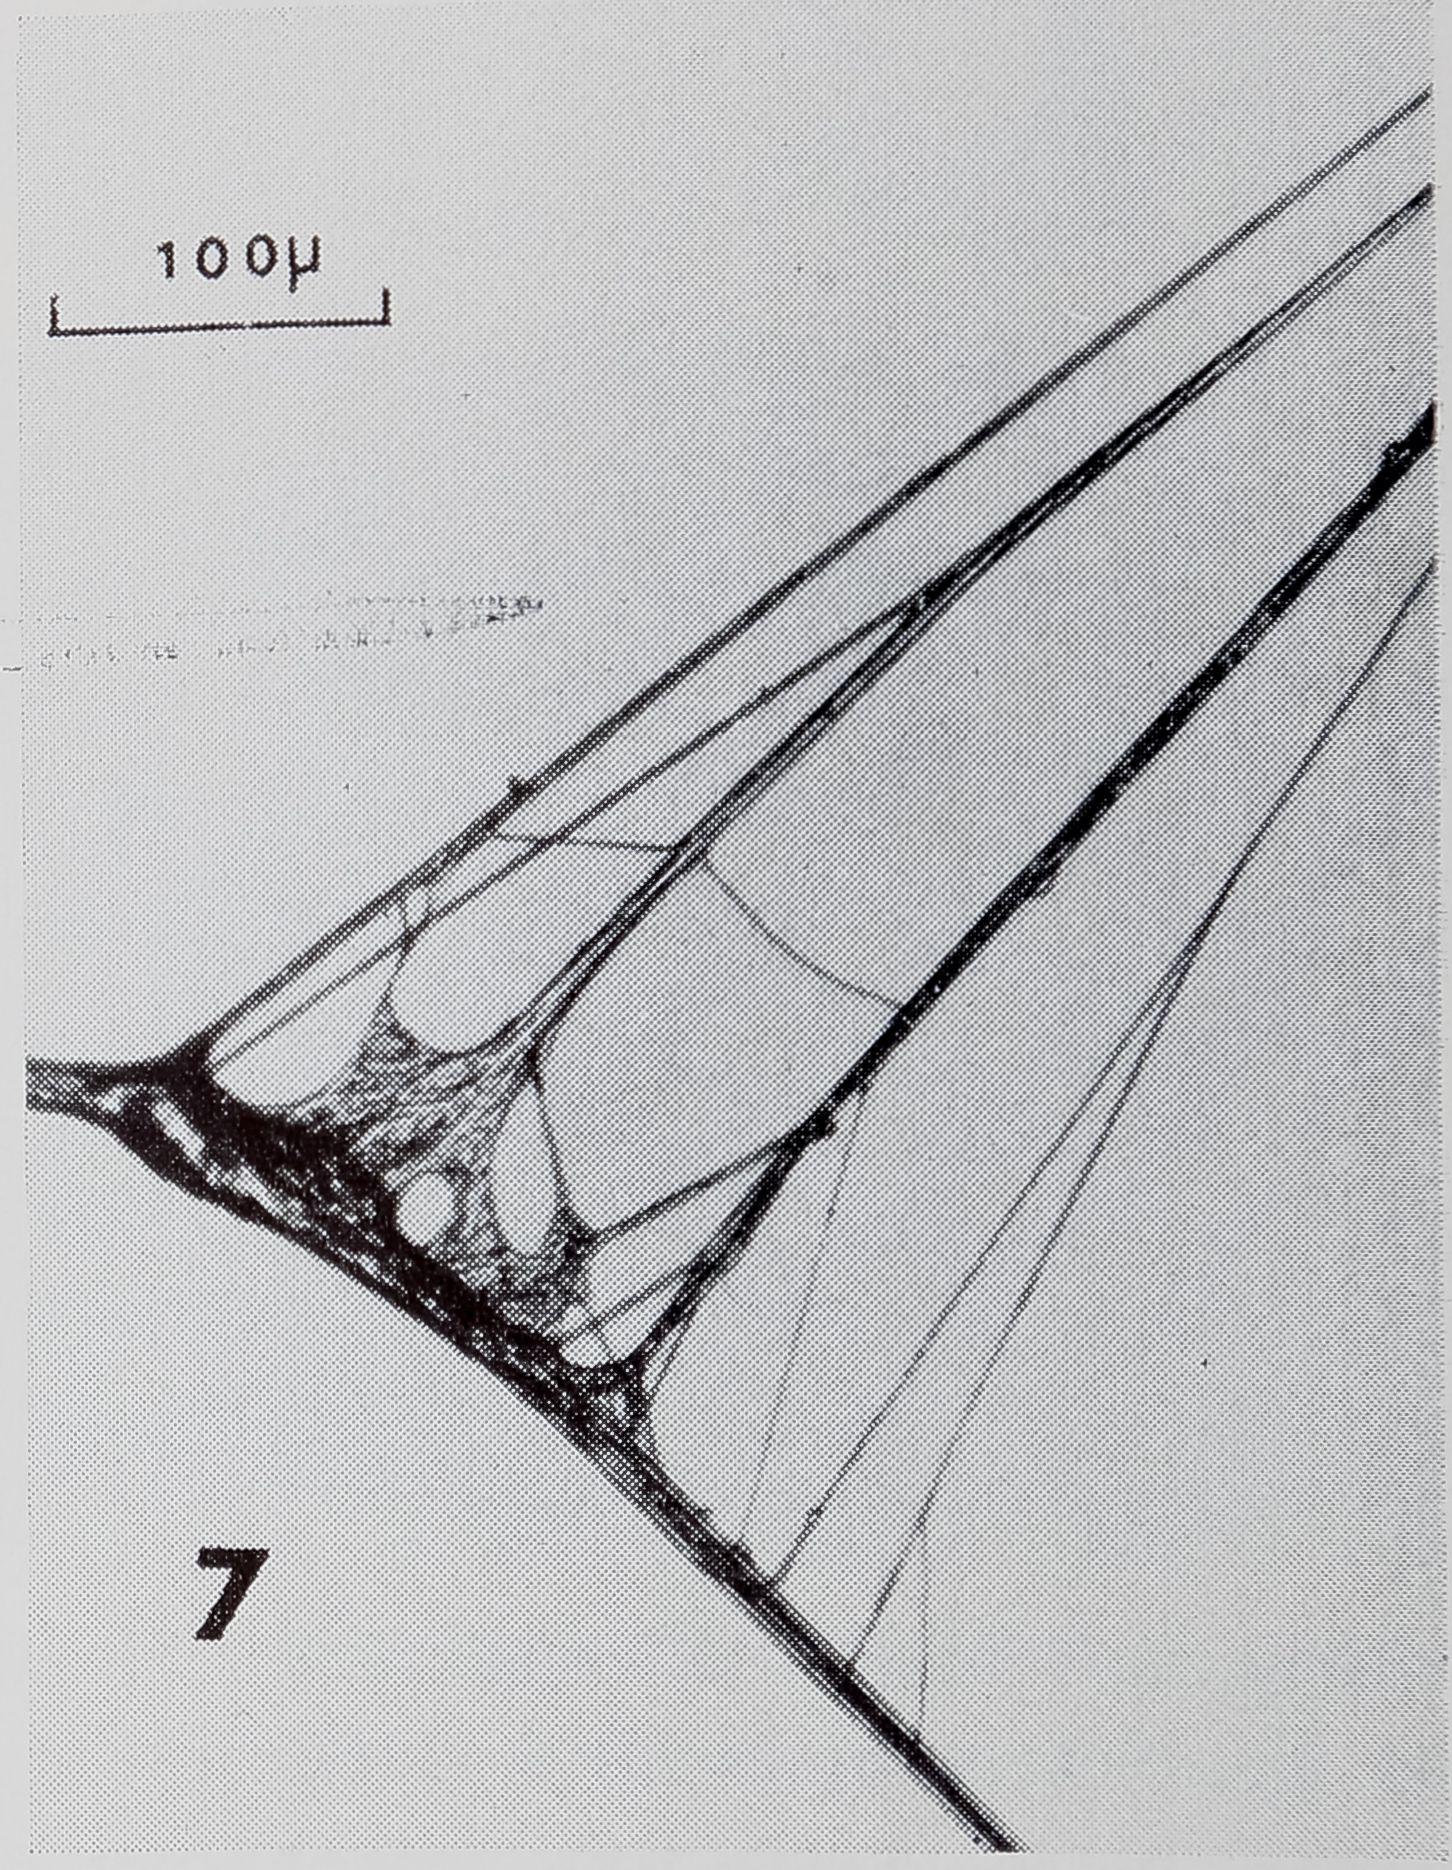 1971-FineStructureOfTheThread-13